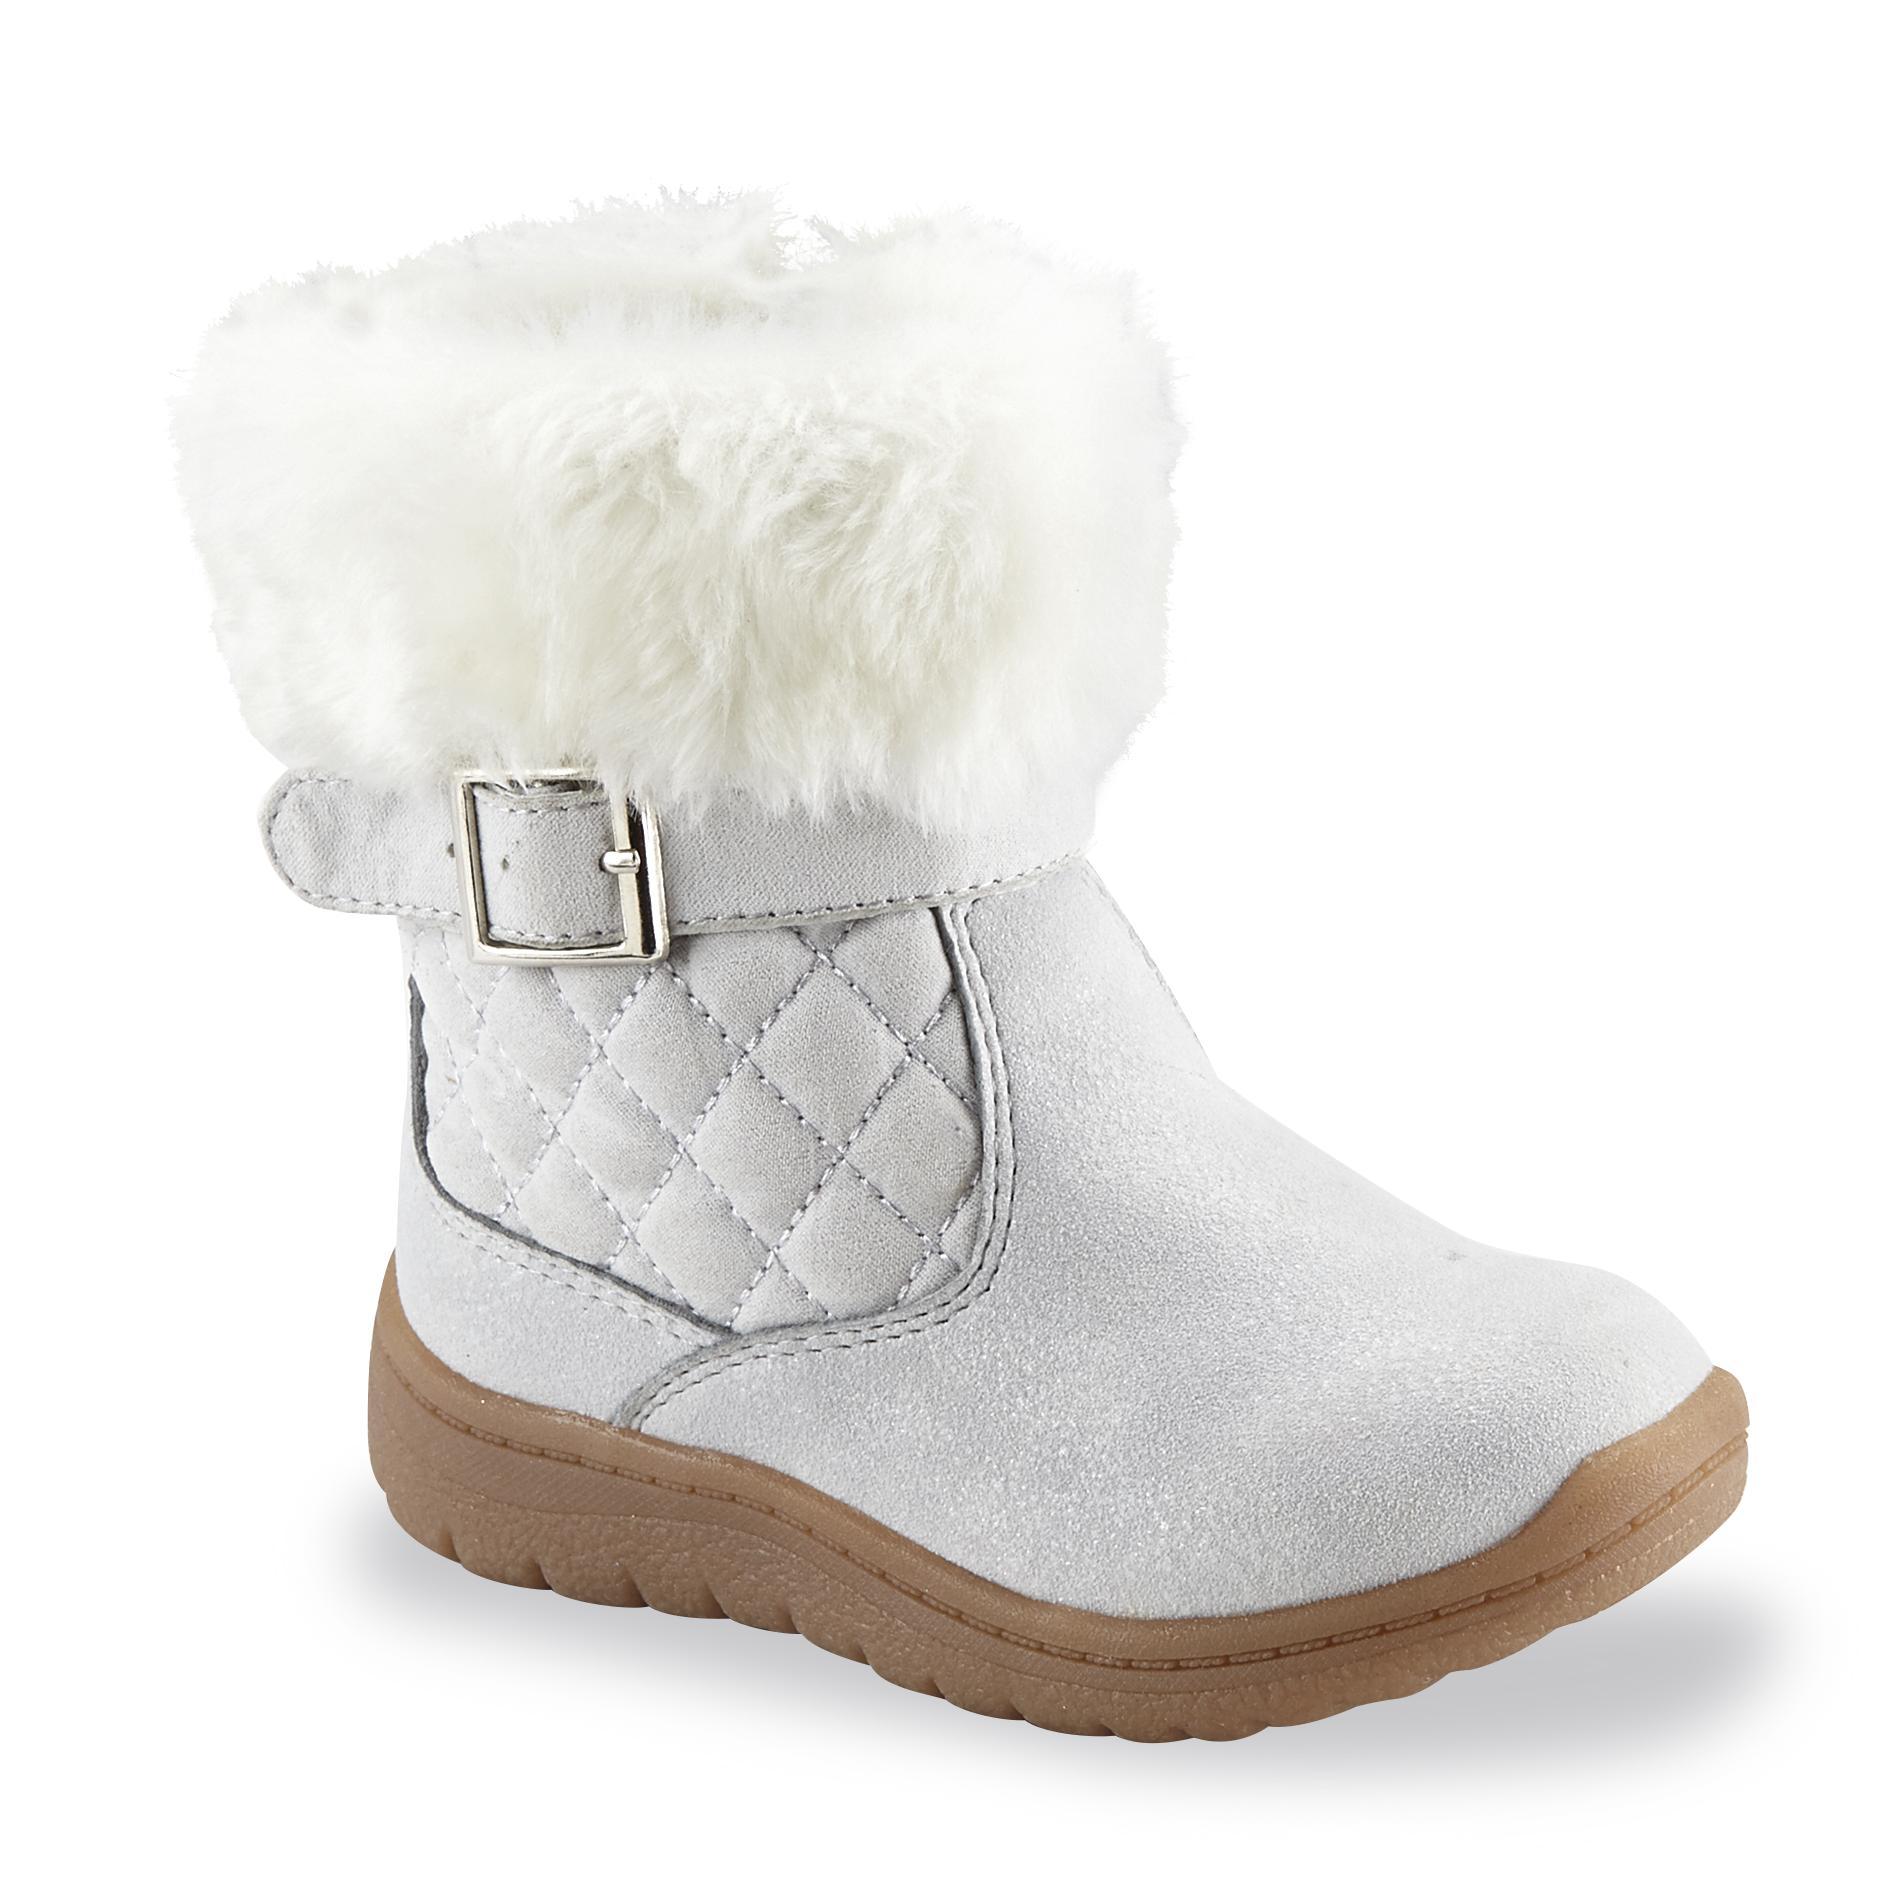 OshKosh Toddler Girl's Honey Gray/Silver/White Winter Snow Boot